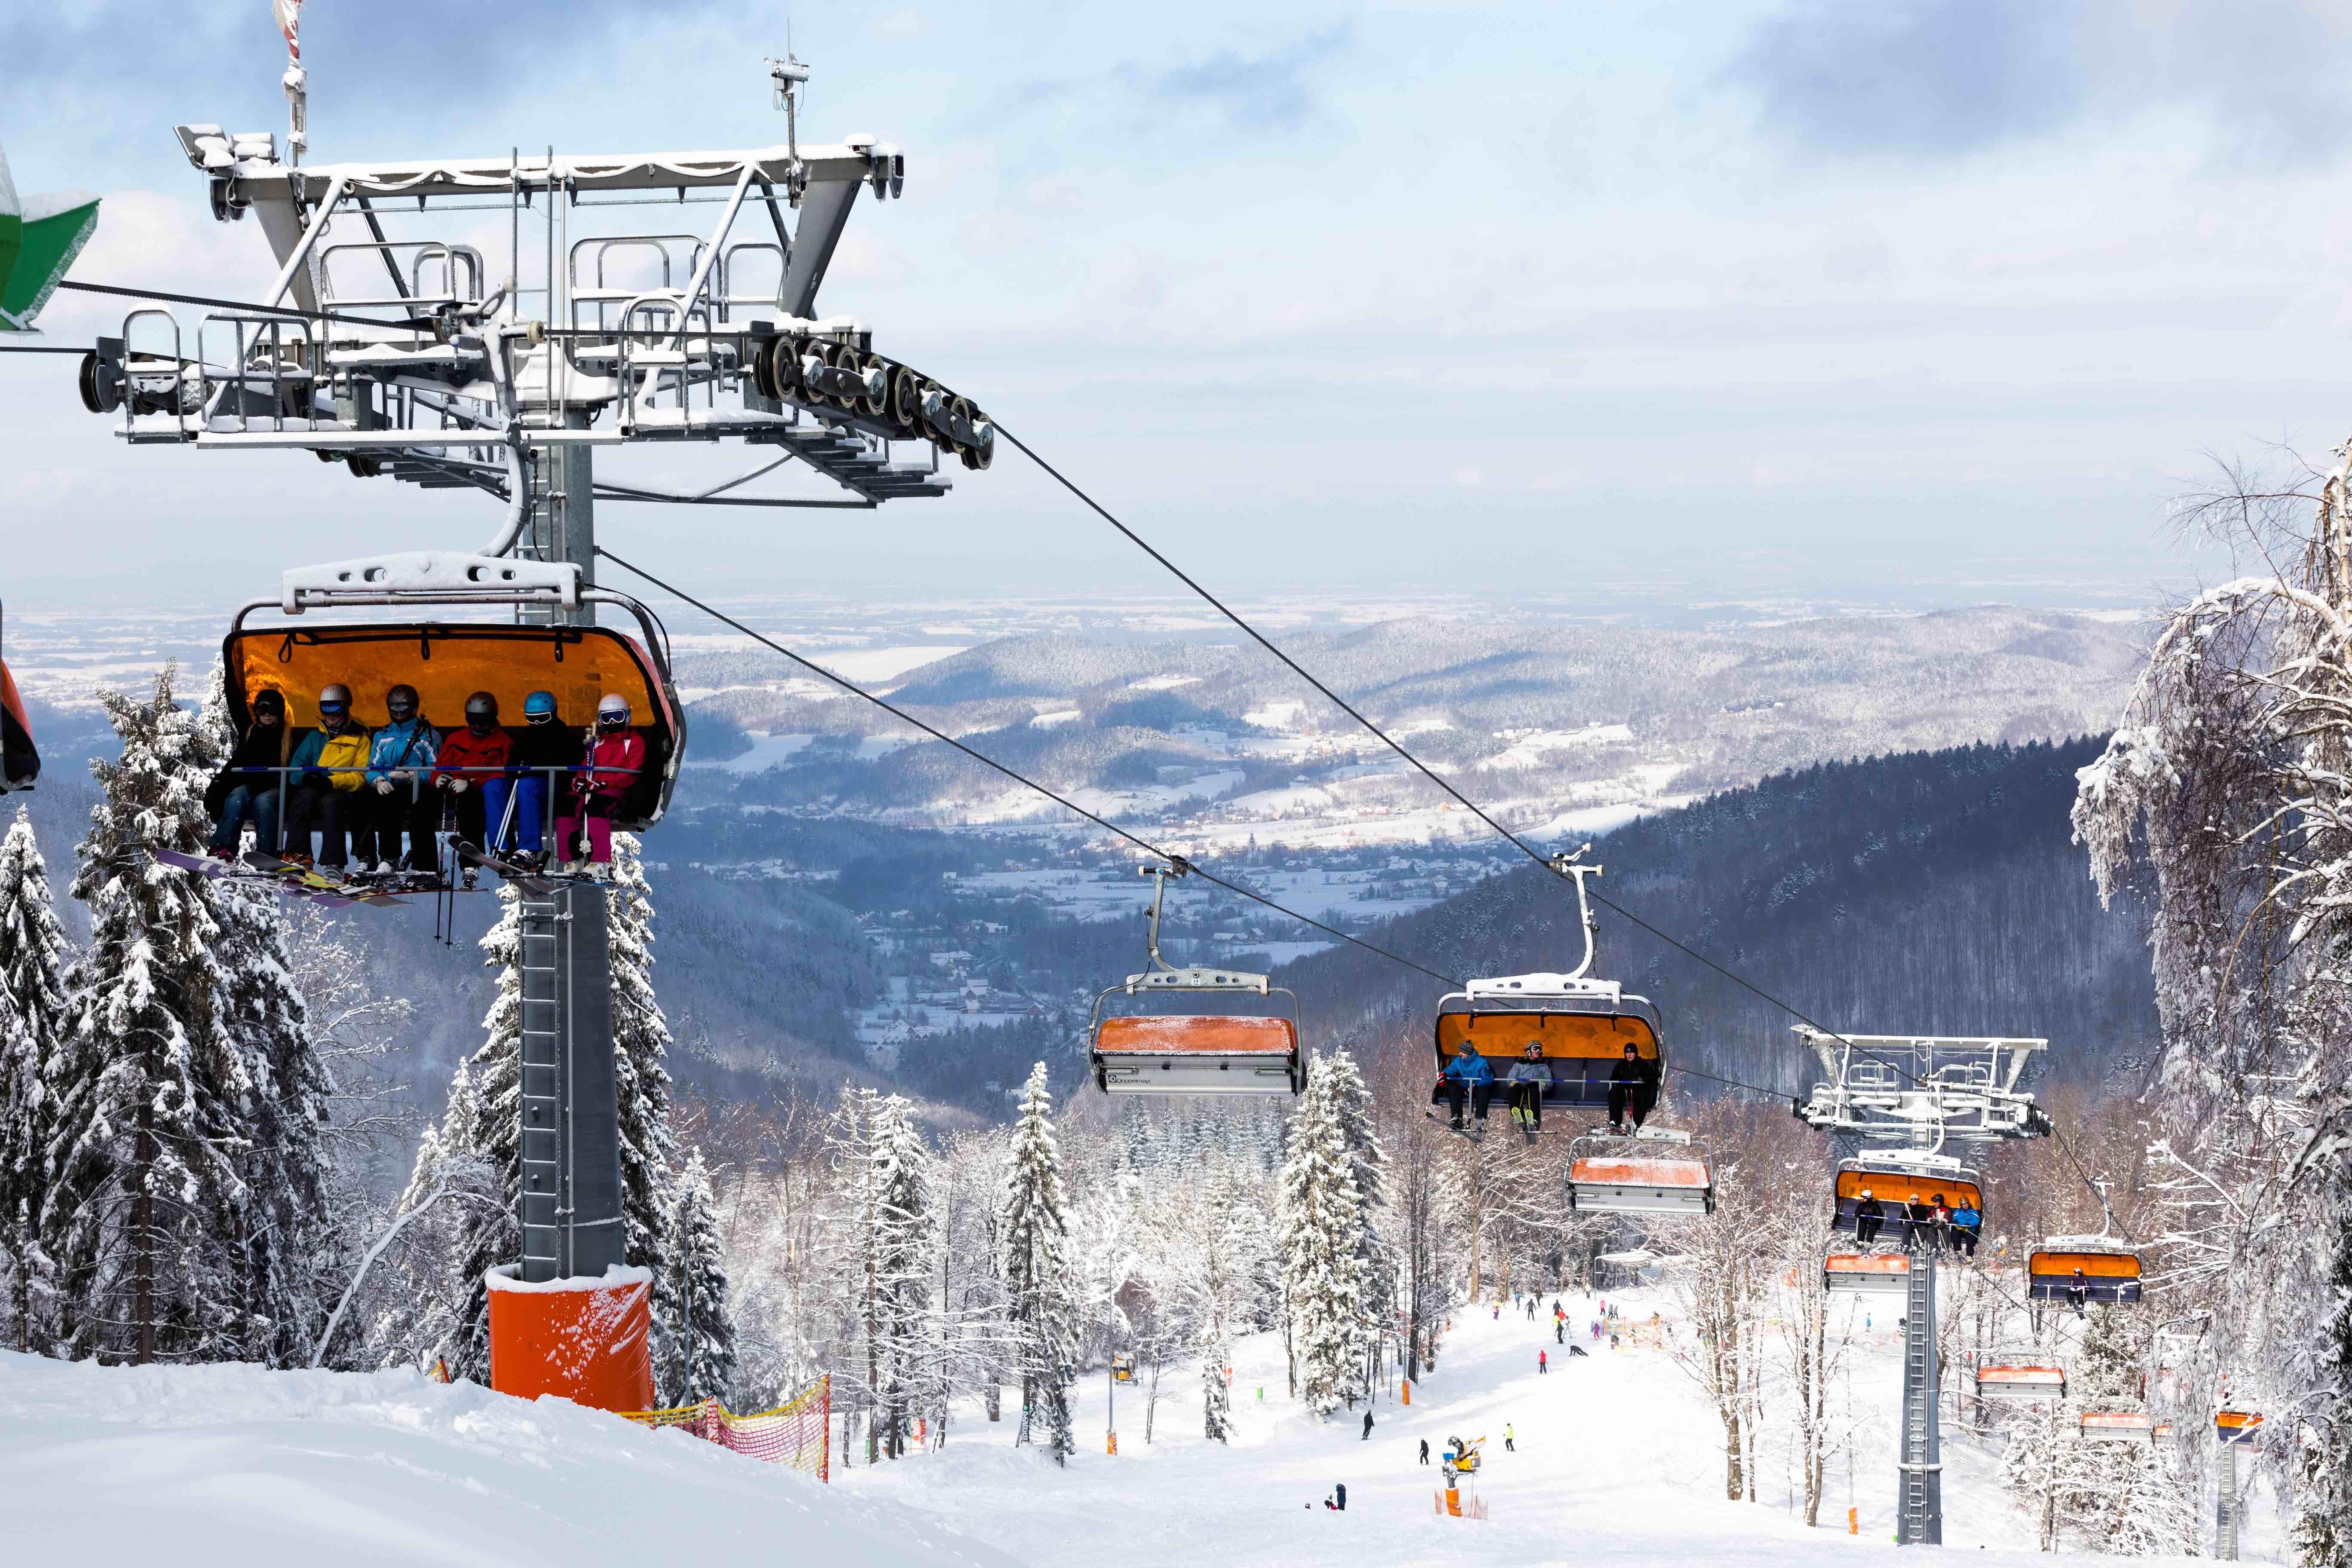 Rusza nowy sezon narciarski na Czarnym Groniu. Z pewnymi ograniczeniami [AKTUALIZACJA]